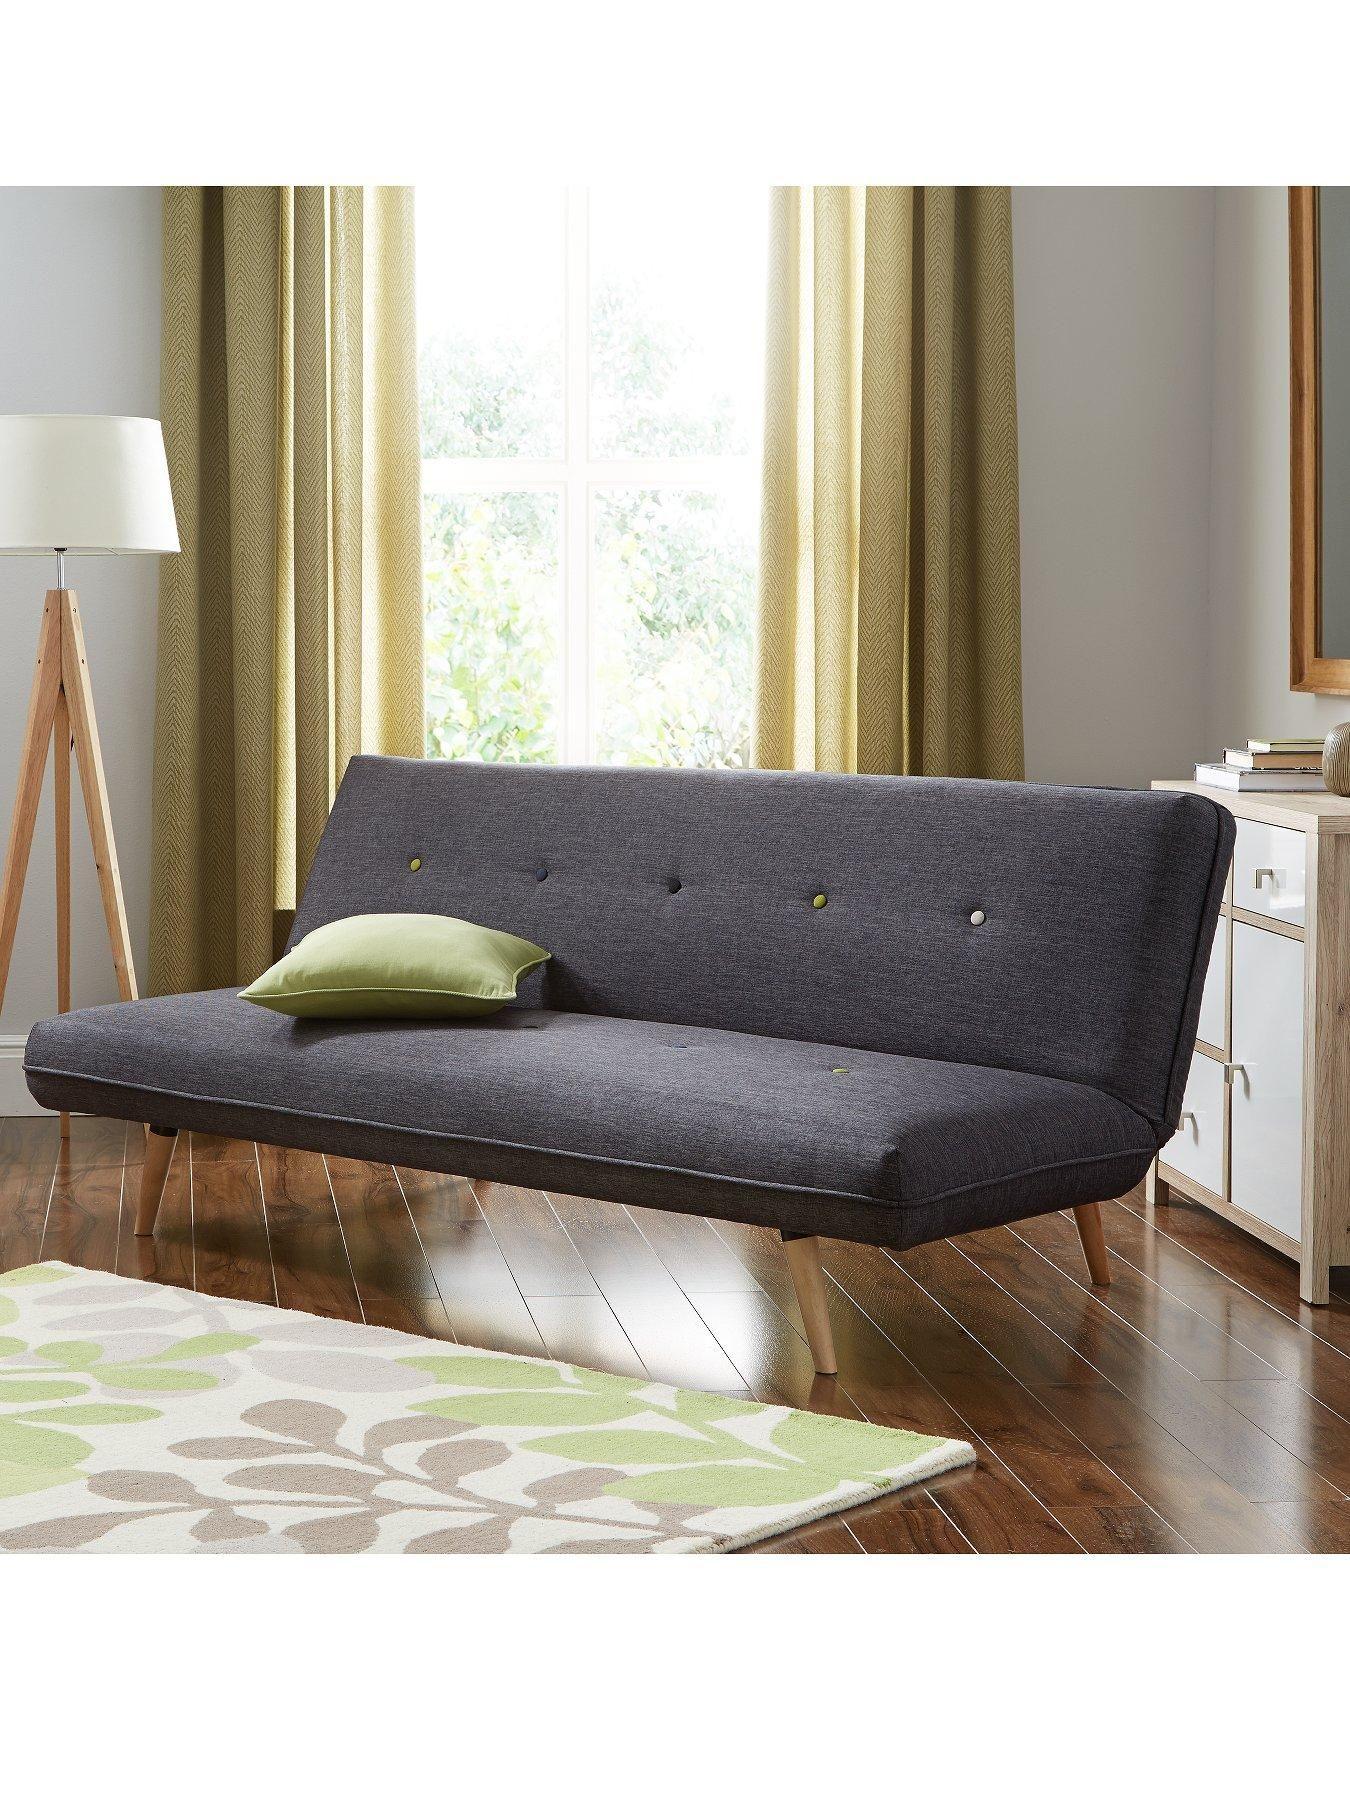 Really Comfy Sofa Bed Uk Camelback Ethan Allen Pluto Home Decor